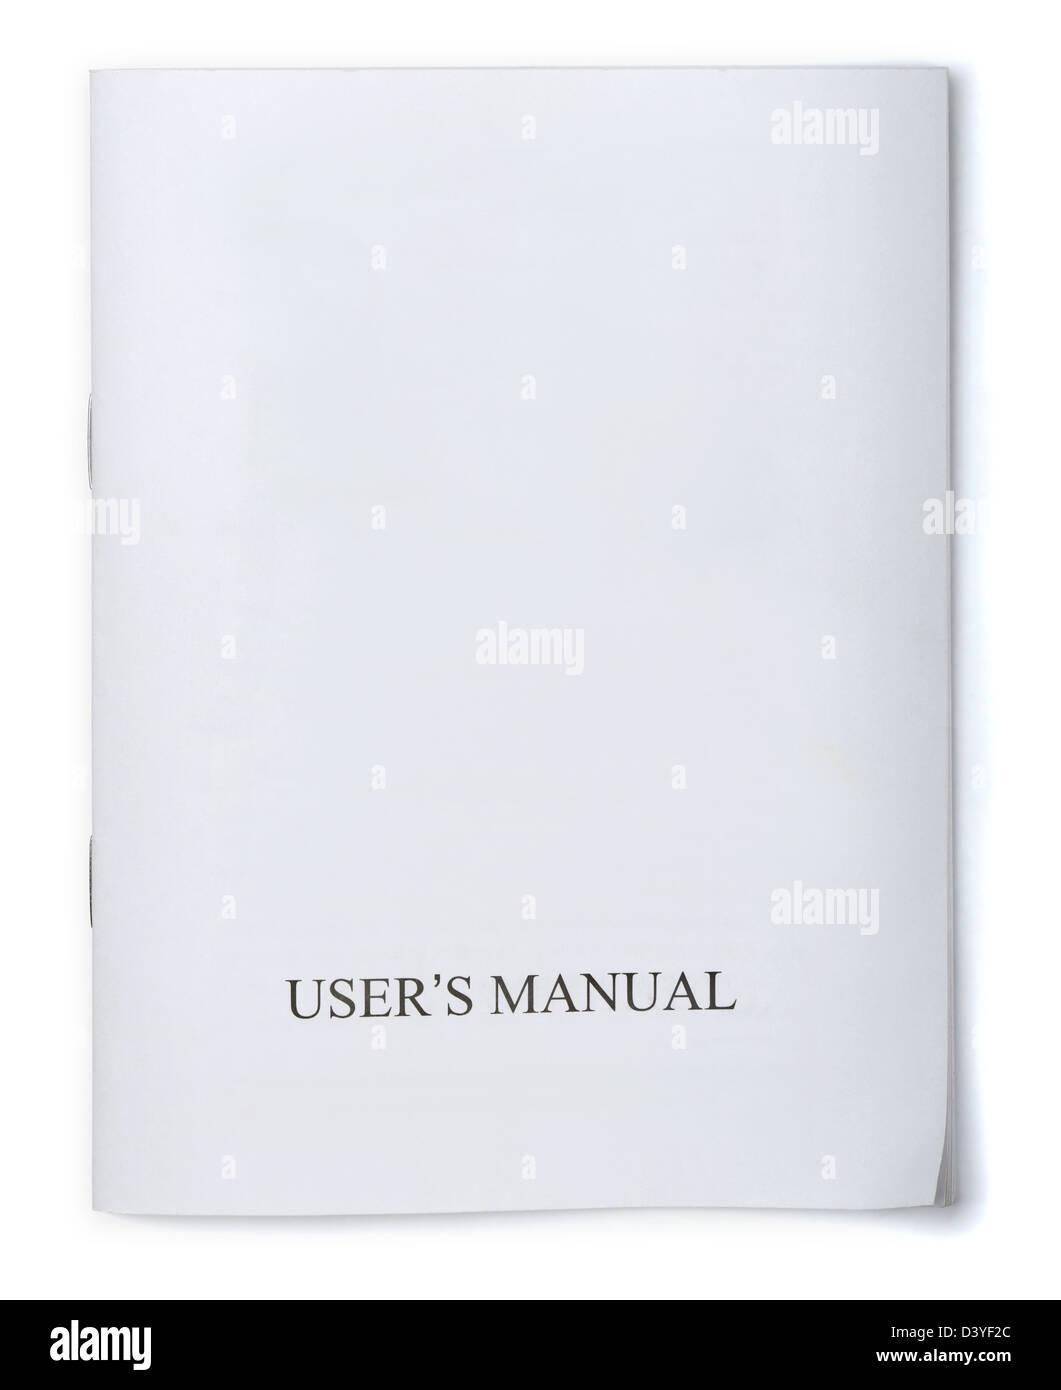 Brochure manuel utilisateurs blanc isolated on white Photo Stock